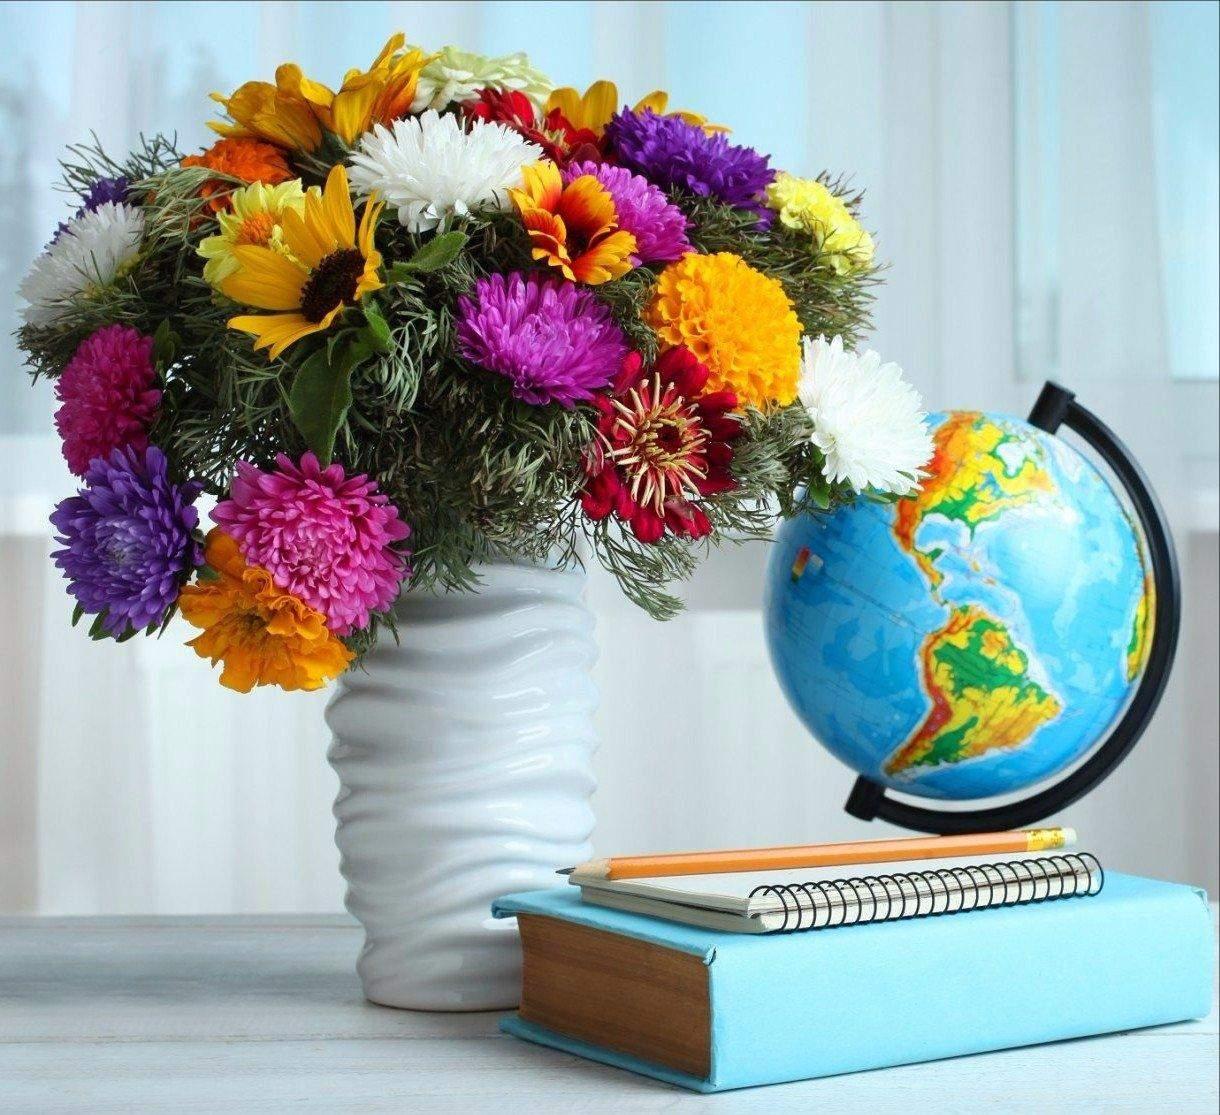 Когда День учителя 2020 в Украине: дата и традиции праздника